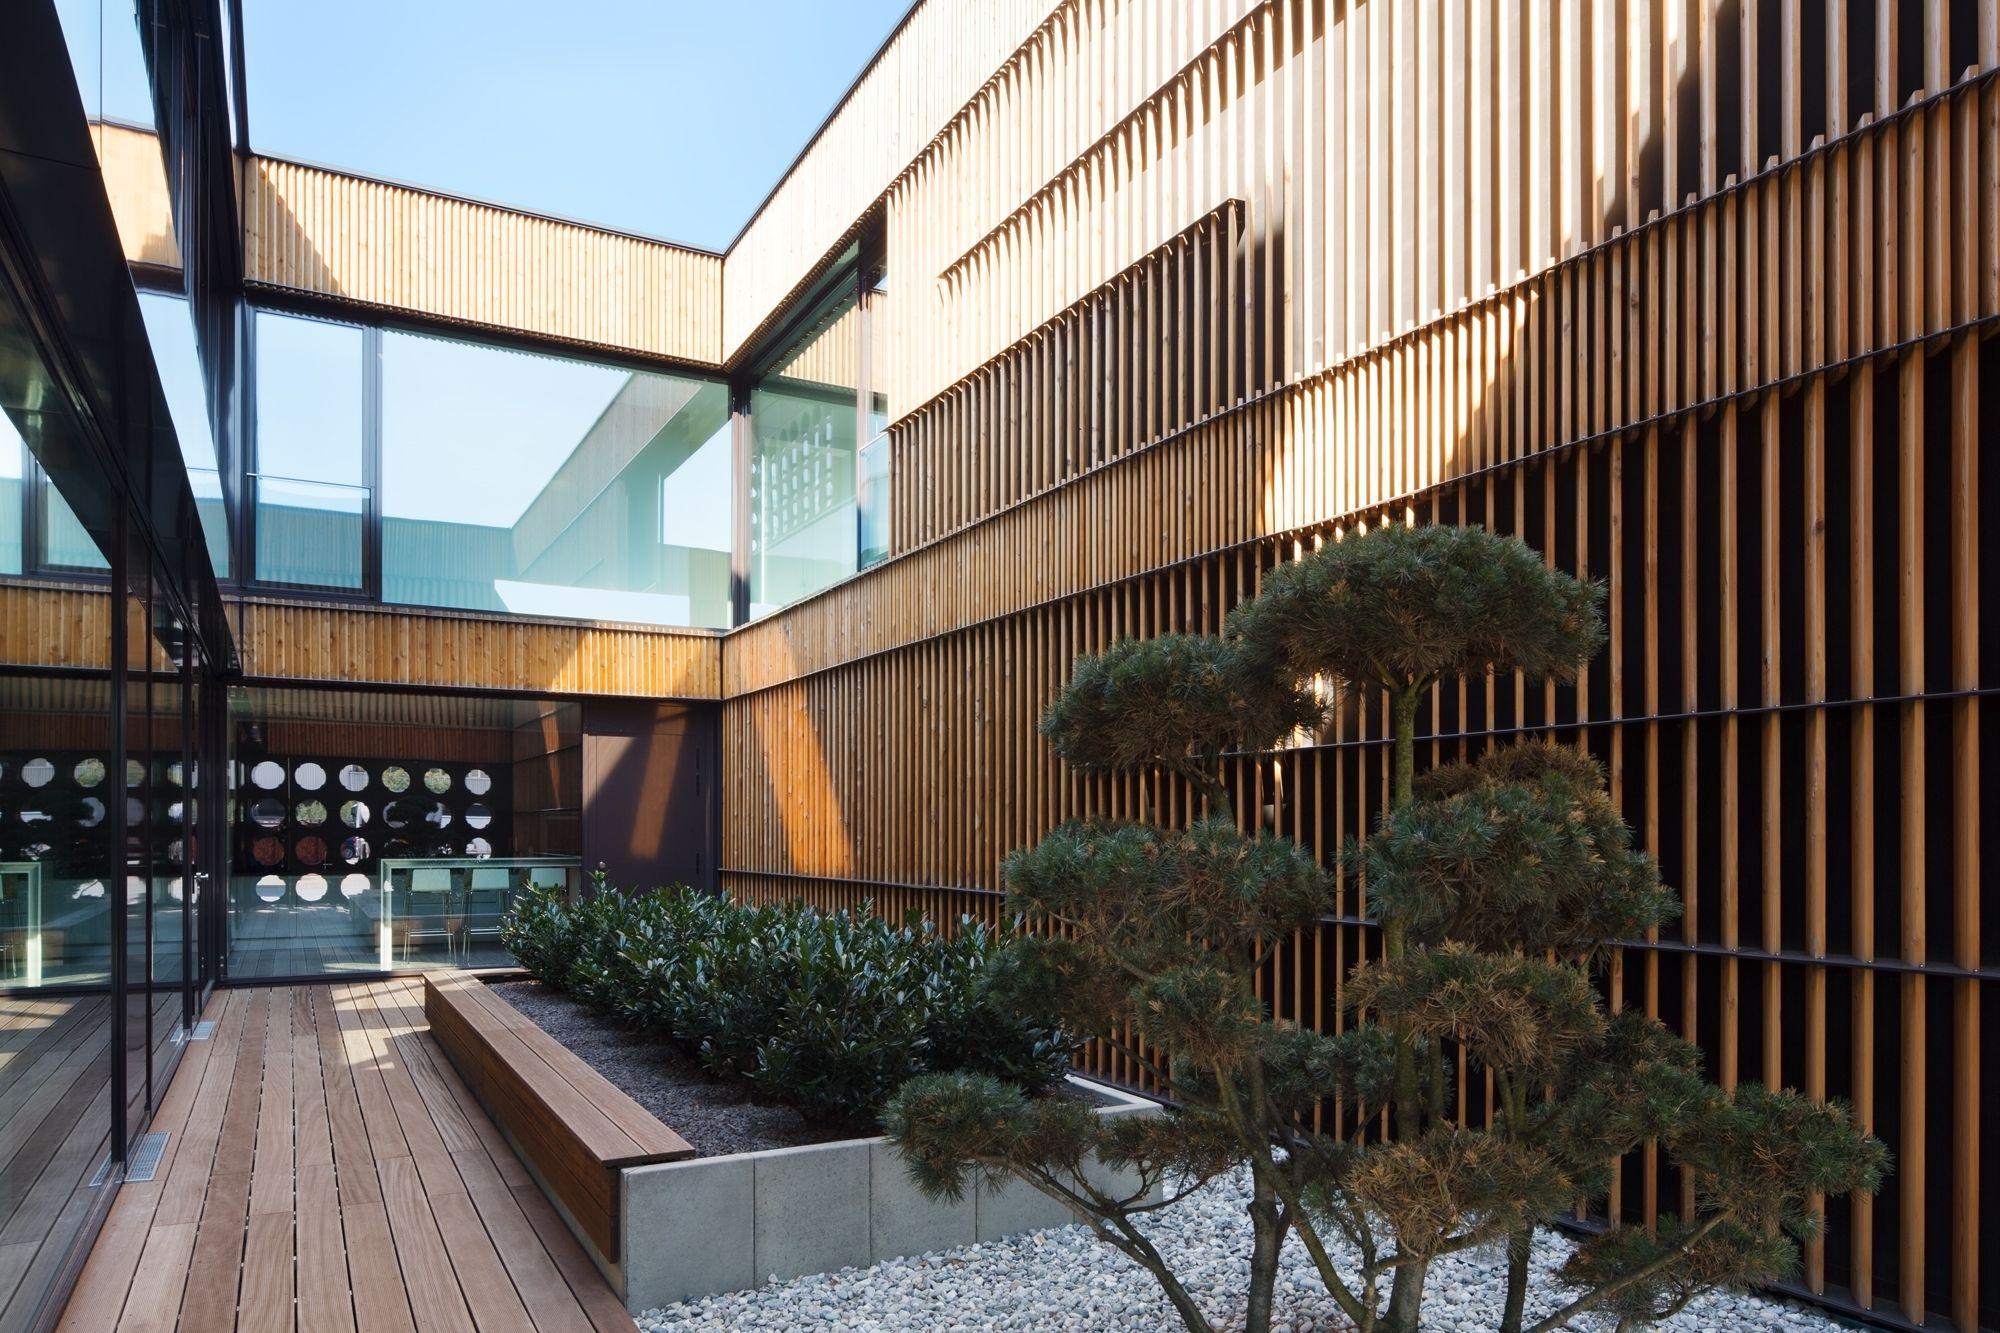 Architekten Schweinfurt rostiger ruhepol büro und betriebsgebäude in schweinfurt